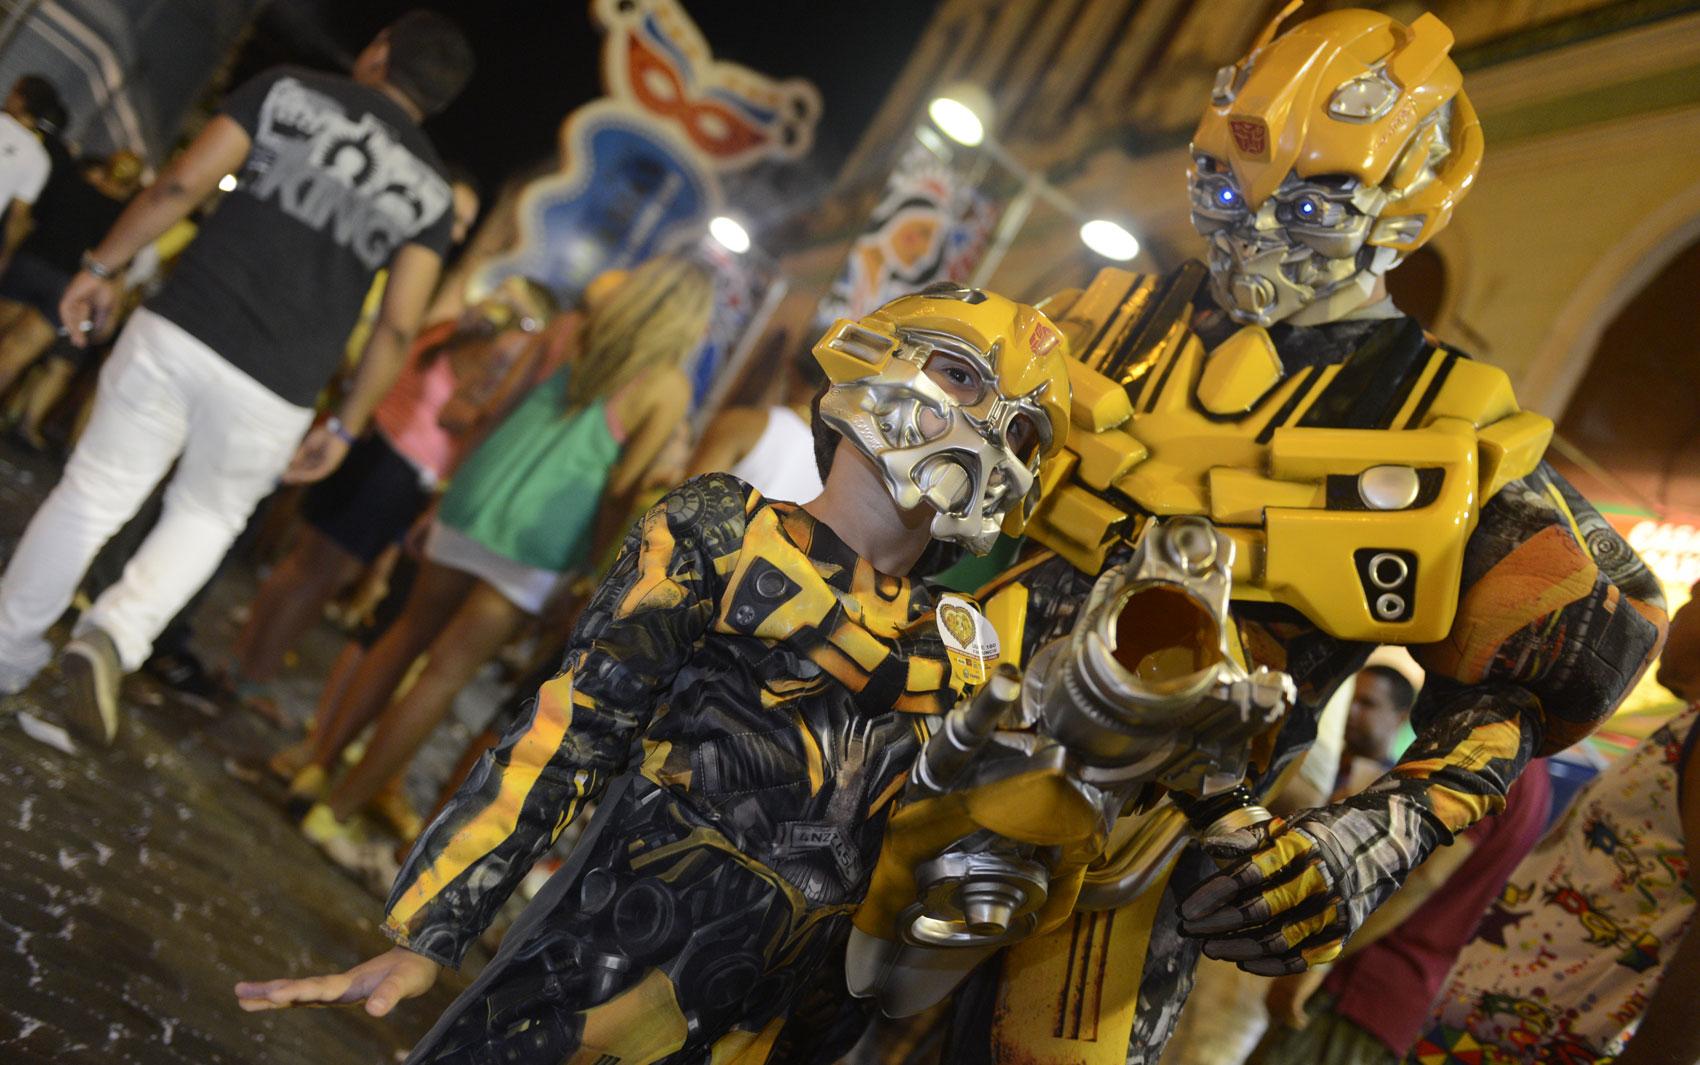 Na terça-feira de carnaval no Recefie, o jornalista Silvio Menezes e seu filho Felipe, de 5 anos, se fantasiaram de Bumblebee, personagem de 'Transformers'; Menezes afirma ter gastado R$ 1 mil nos trajes, importados dos EUA